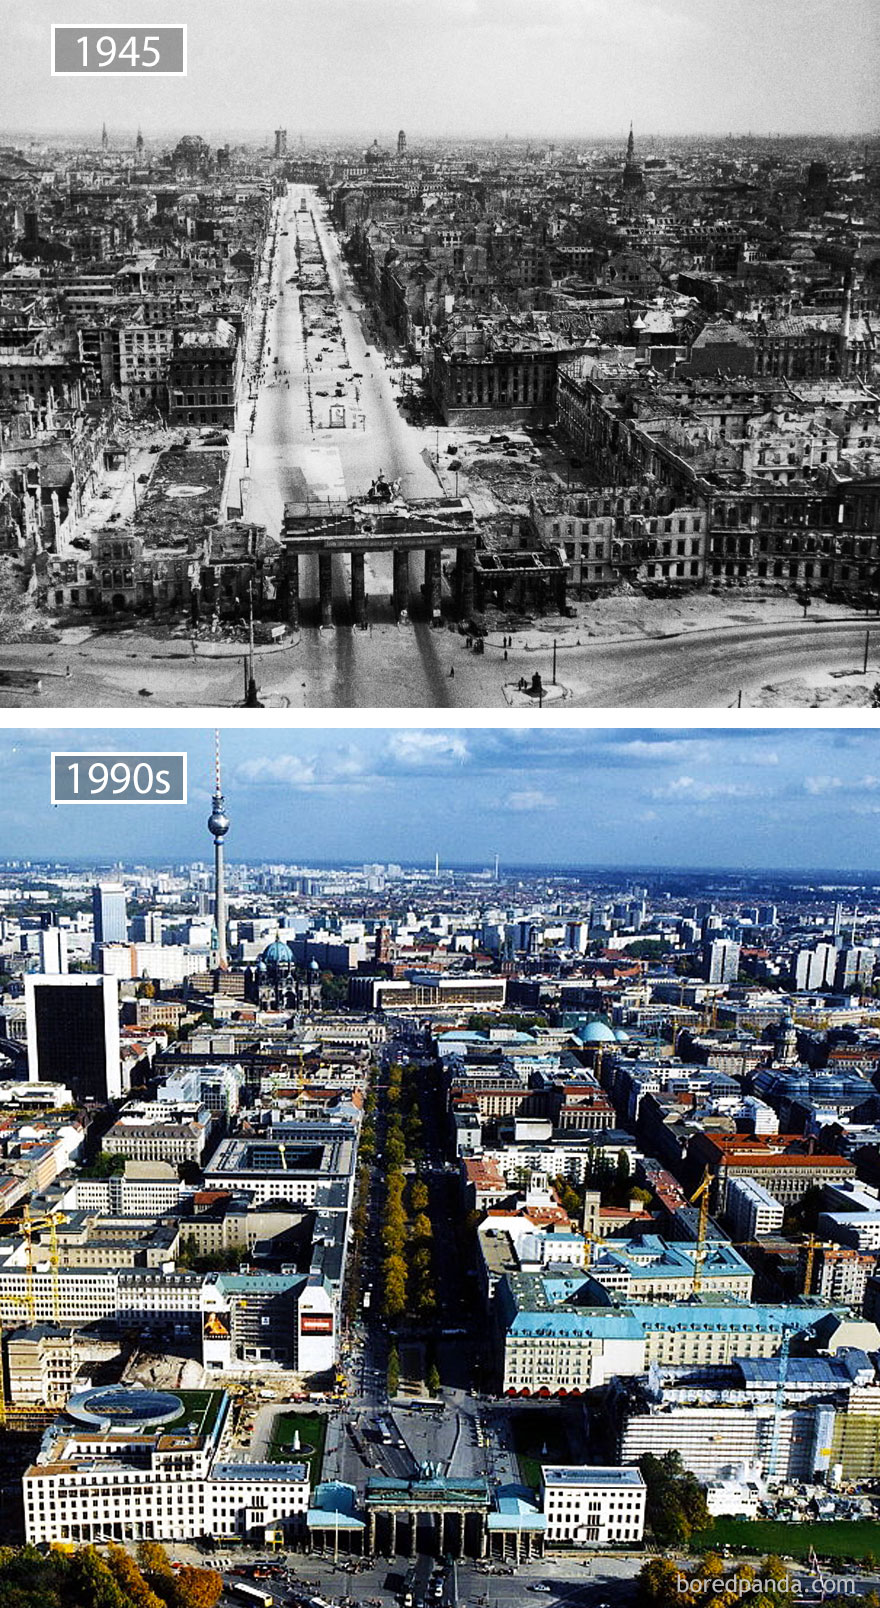 les villes changent 7